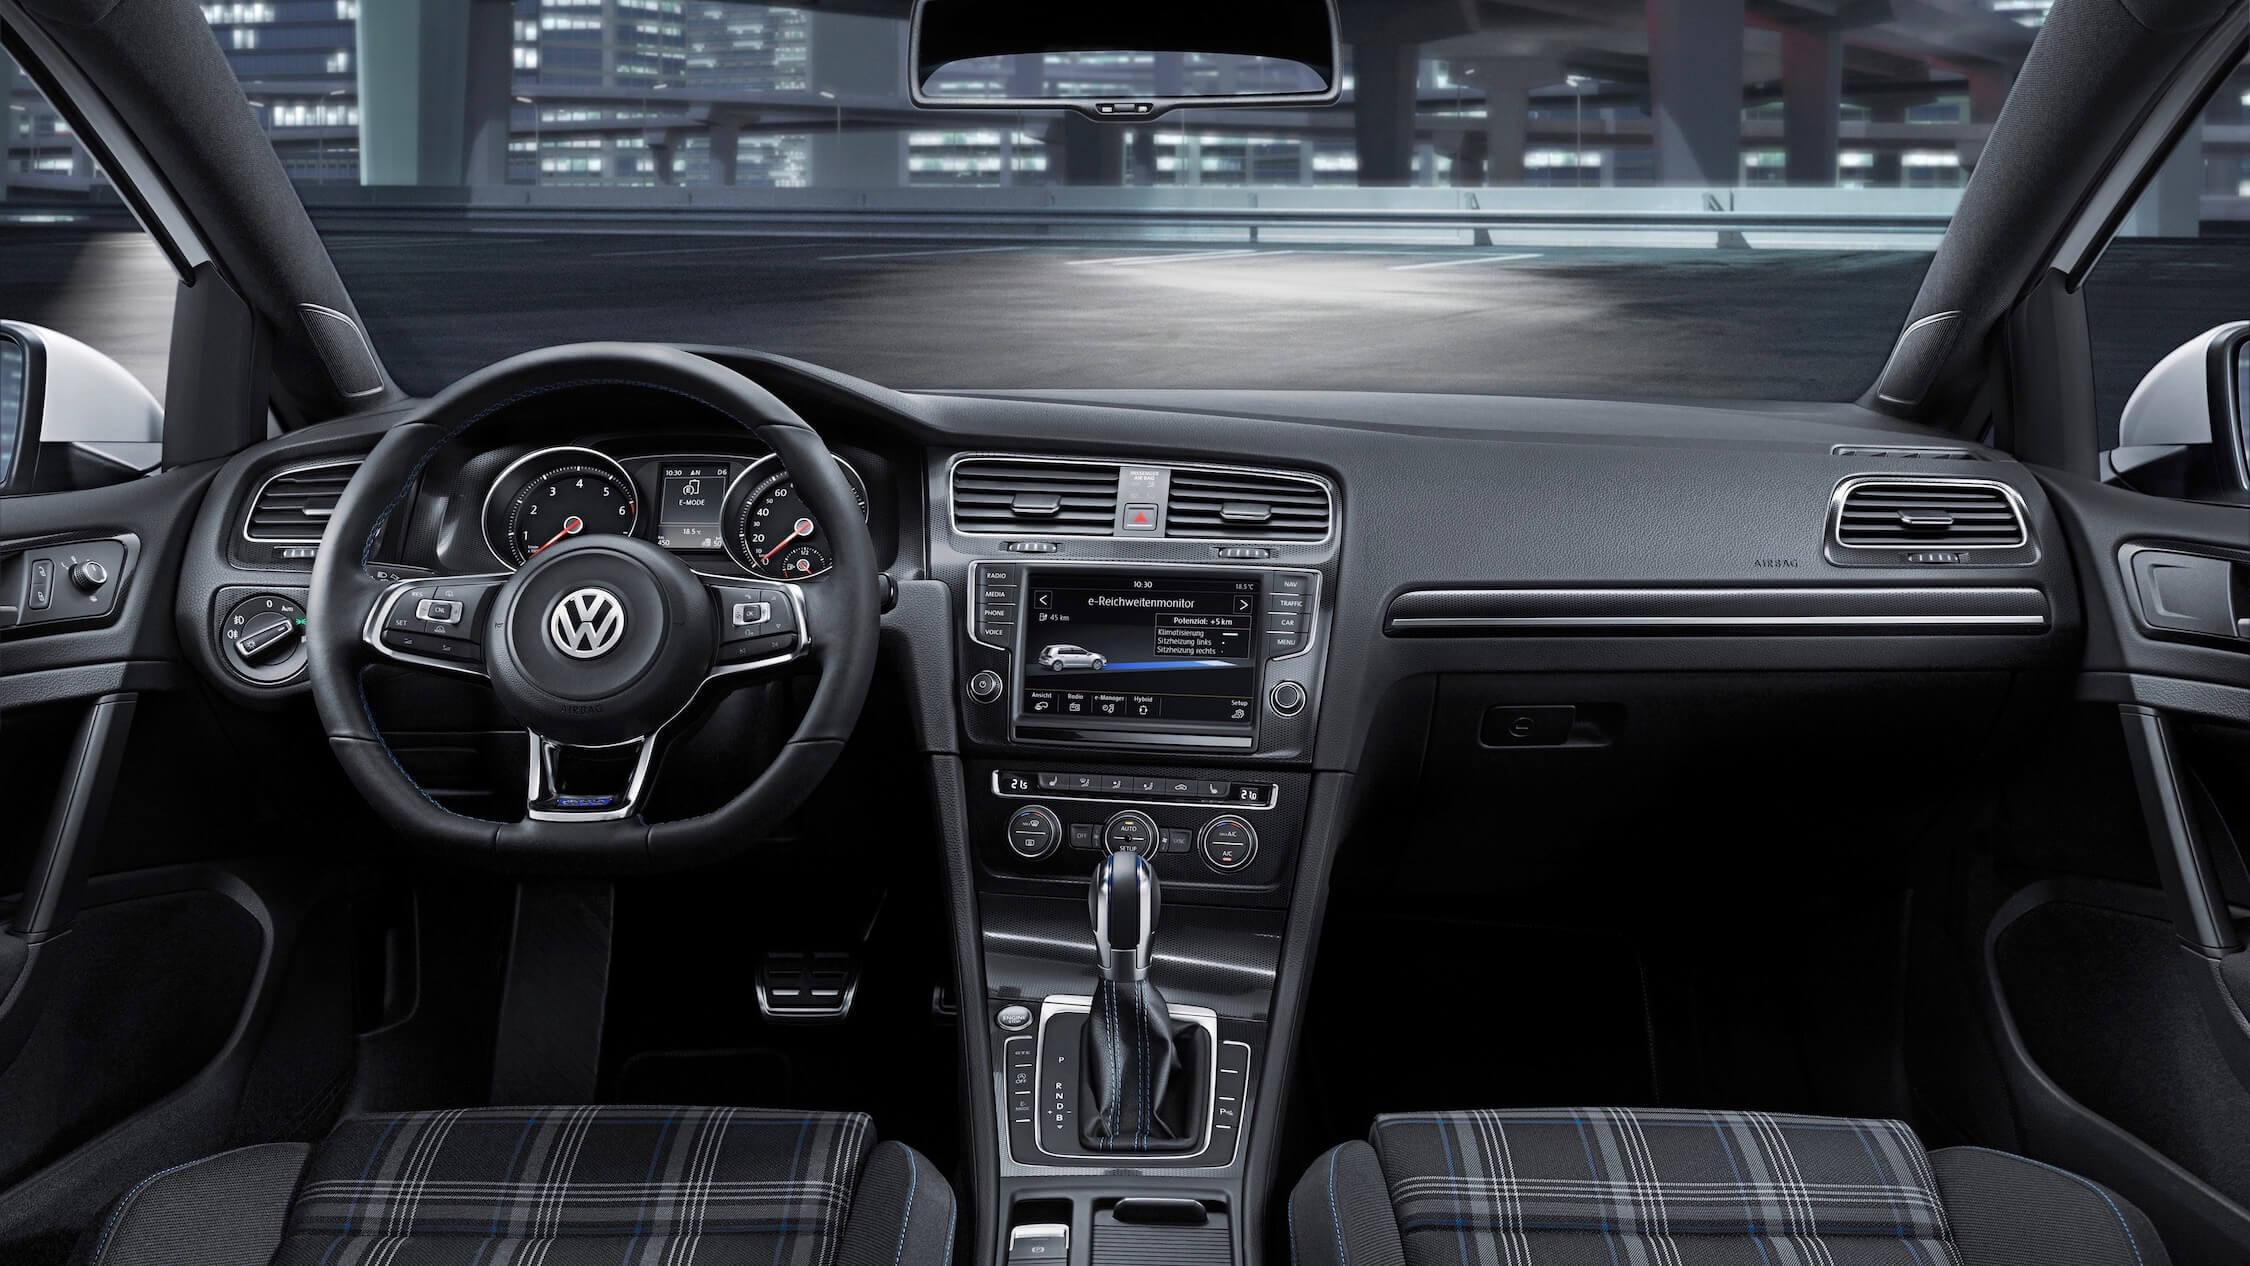 VW Golf GTE dashboard